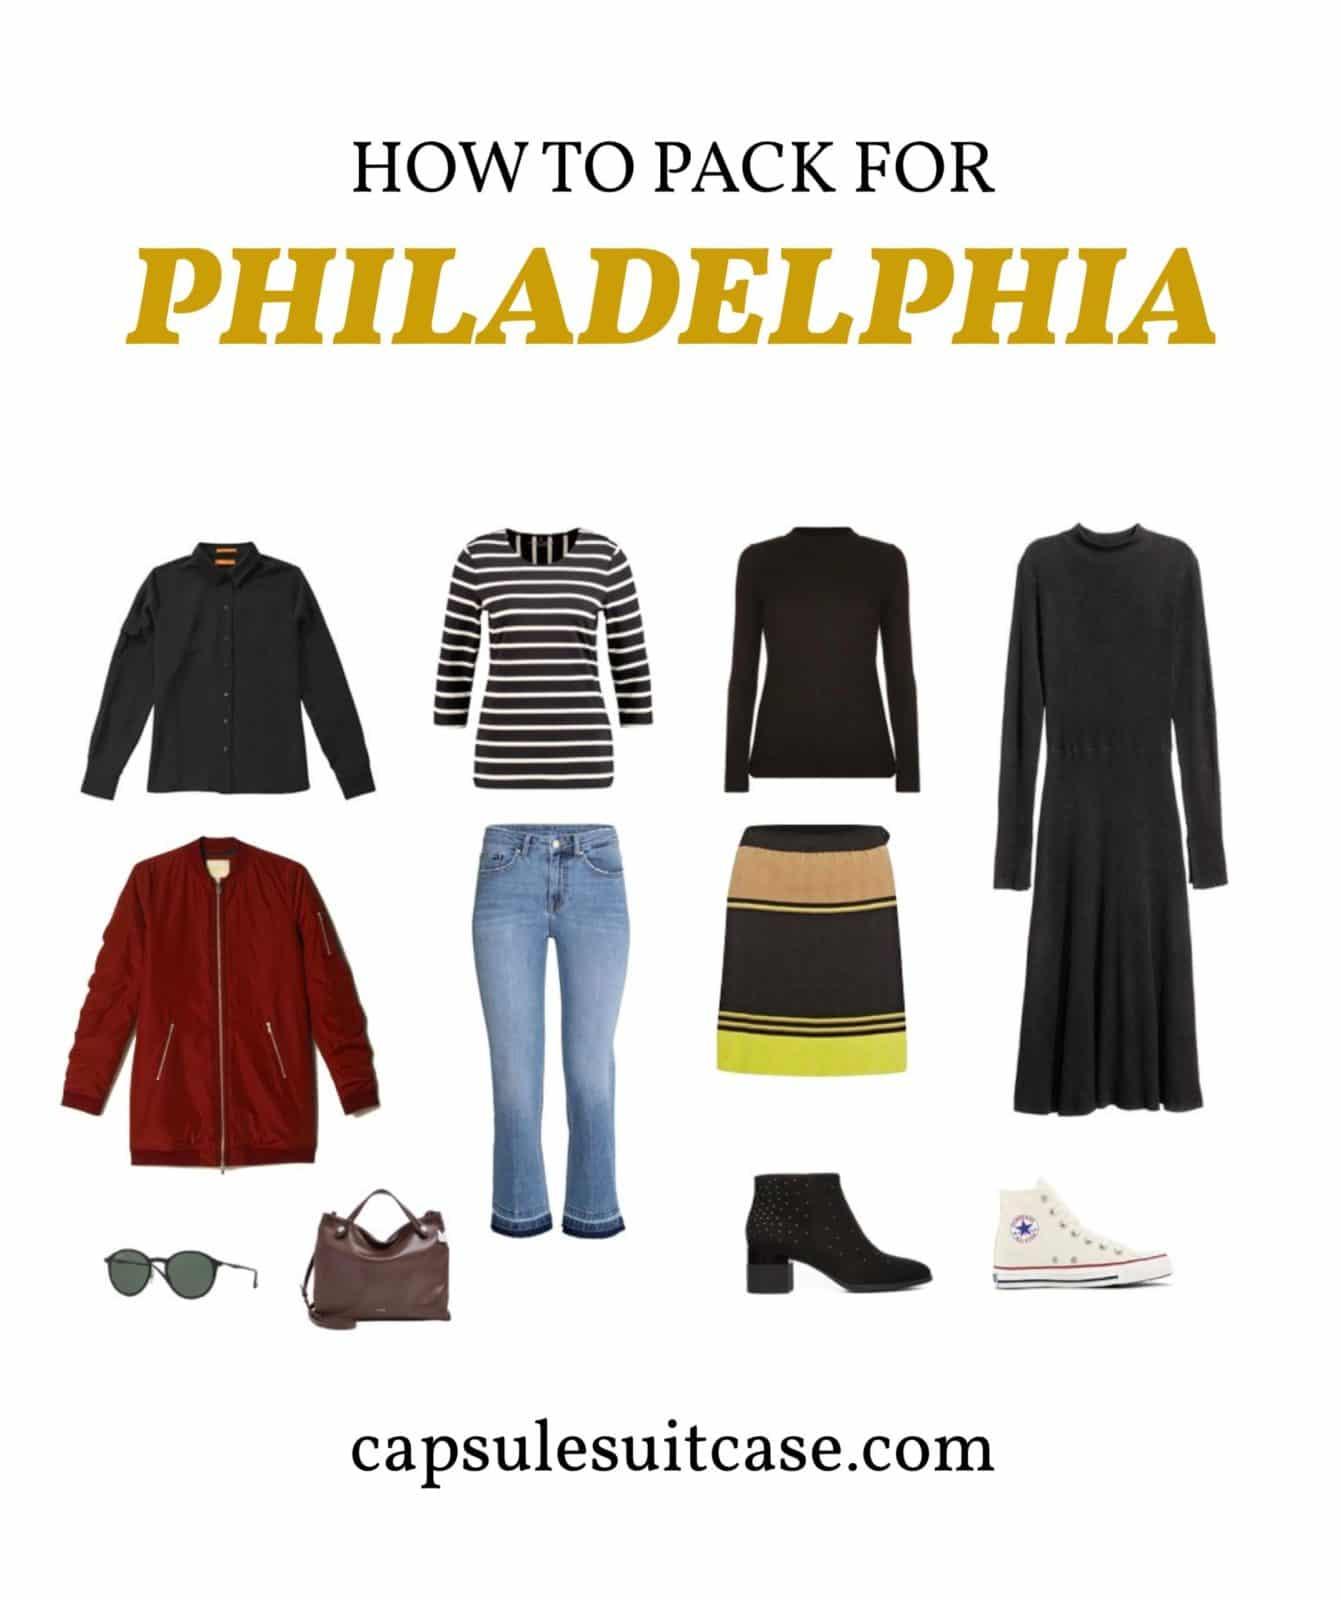 how to pack for philadelphia